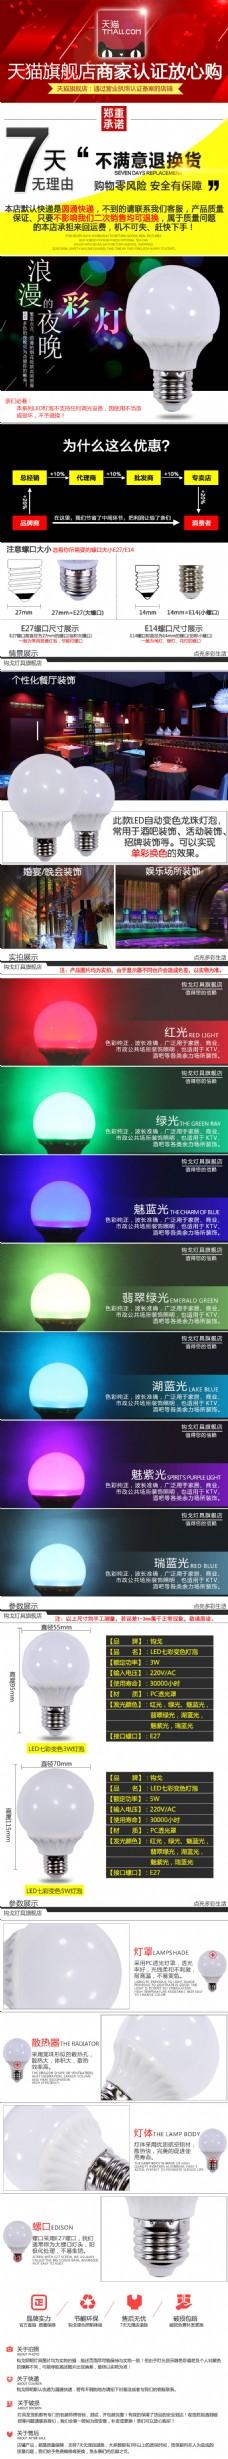 变色彩灯LED灯泡变换璀璨天猫详情页模板